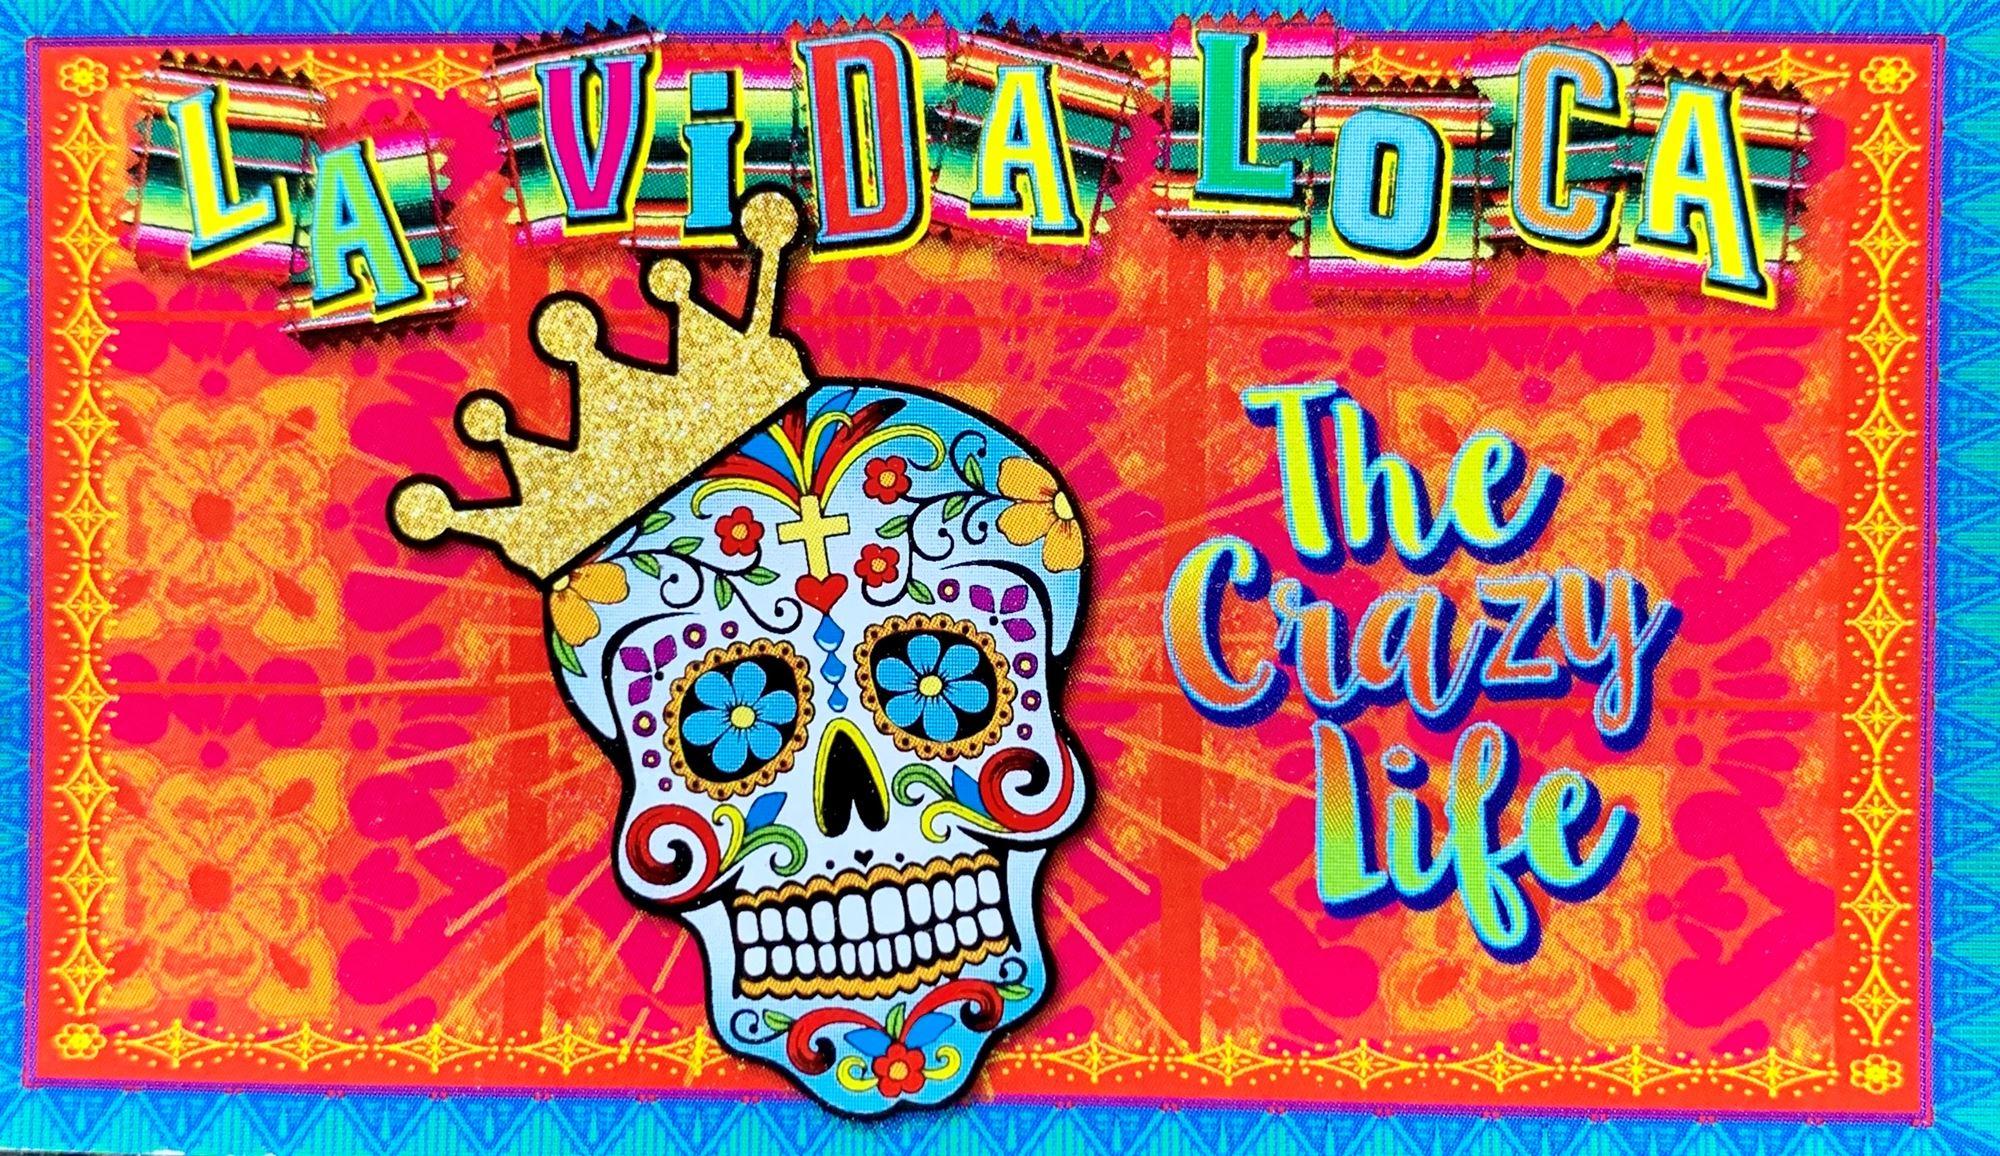 The La Vida Loca Boutique